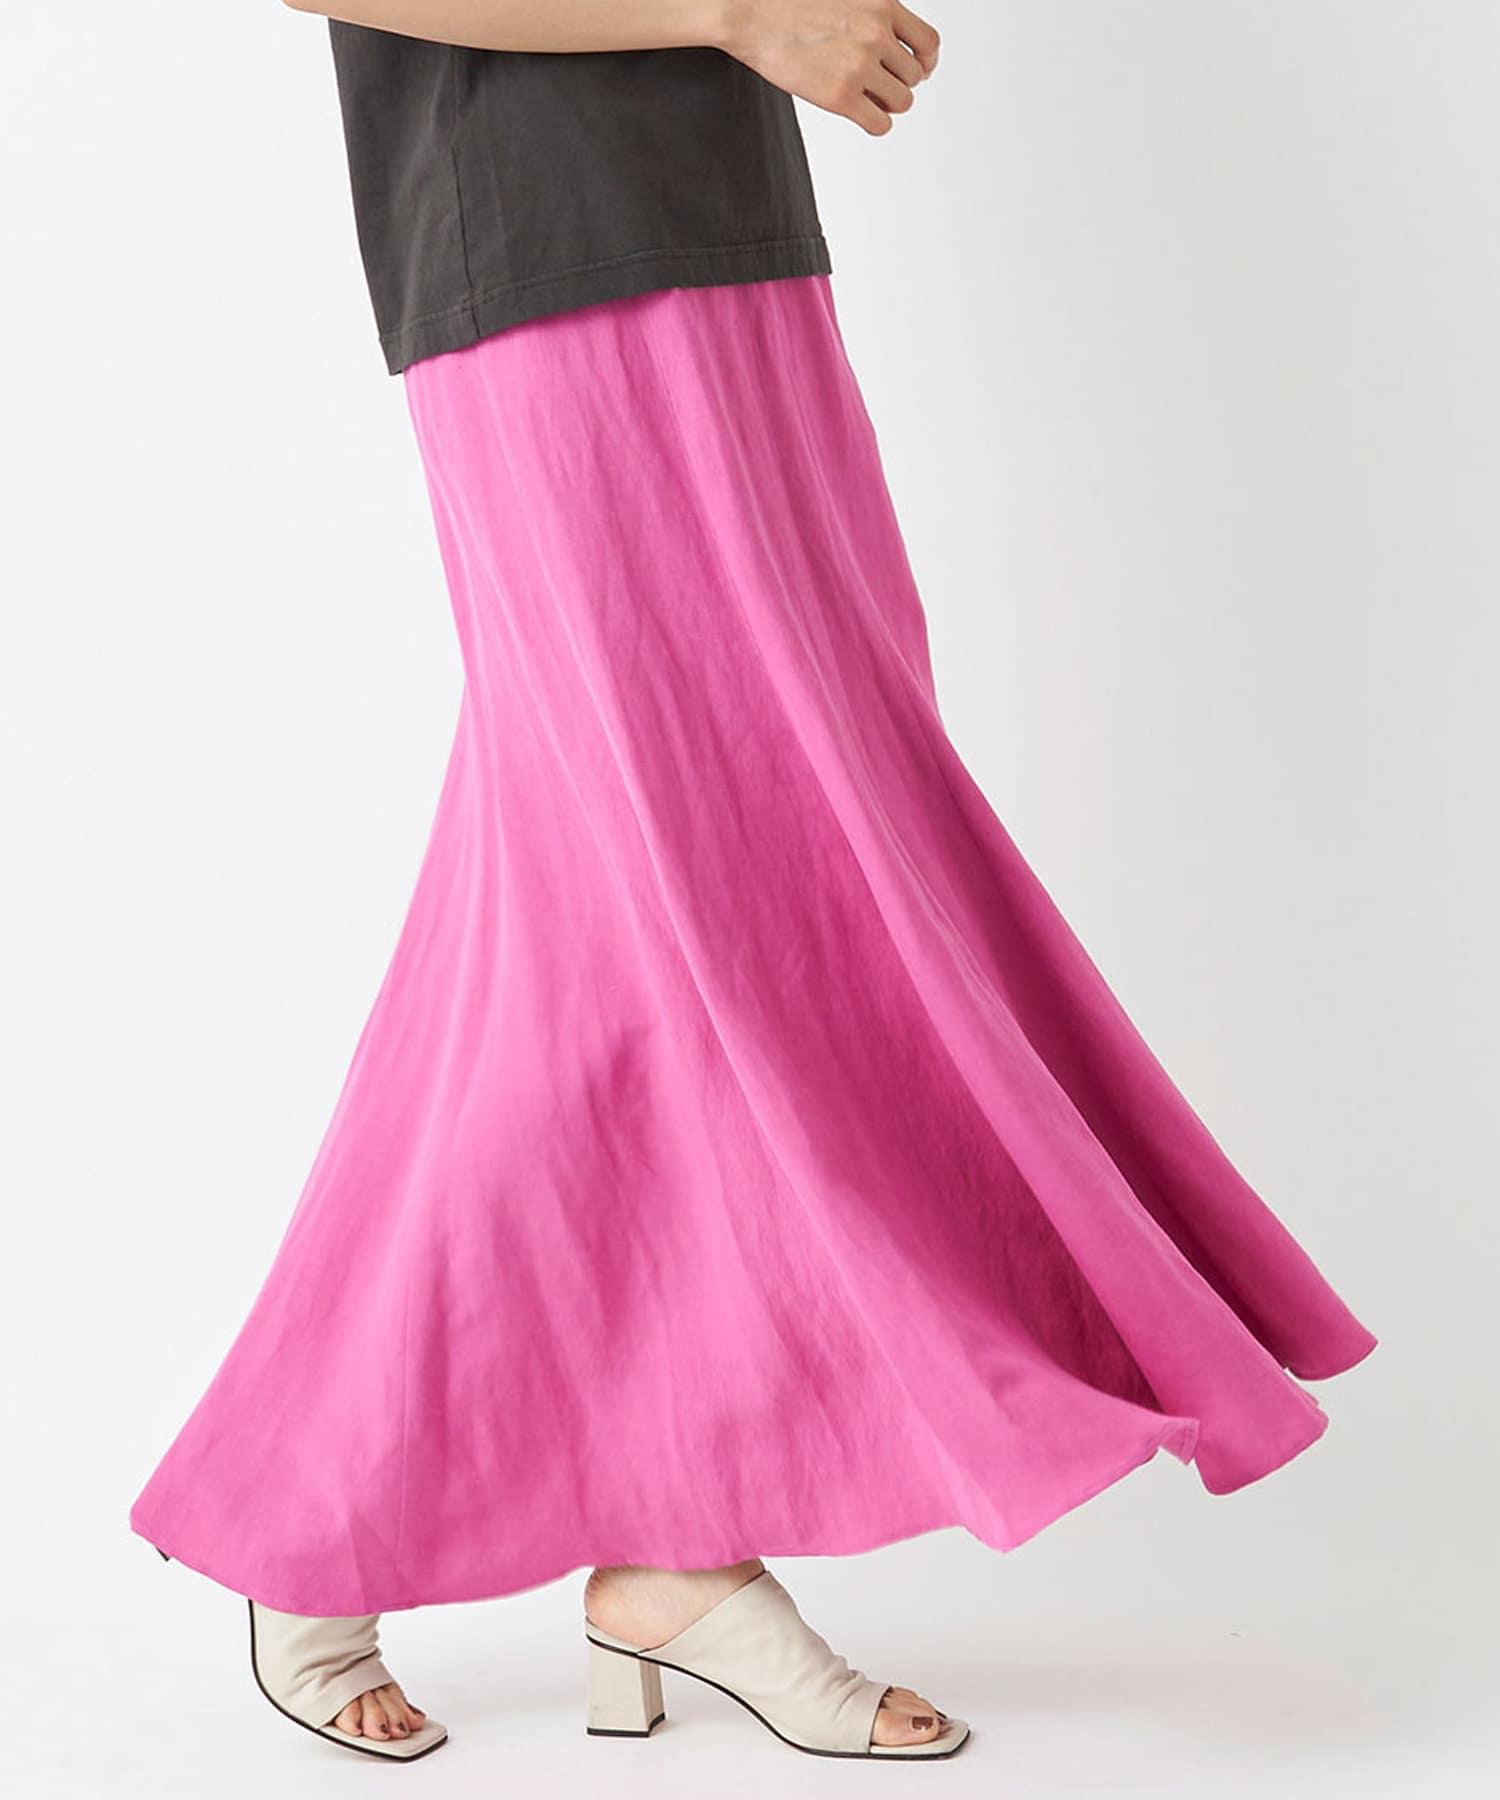 La boutique BonBon(ラブティックボンボン) 【手洗い可】マーメイドマキシスカート